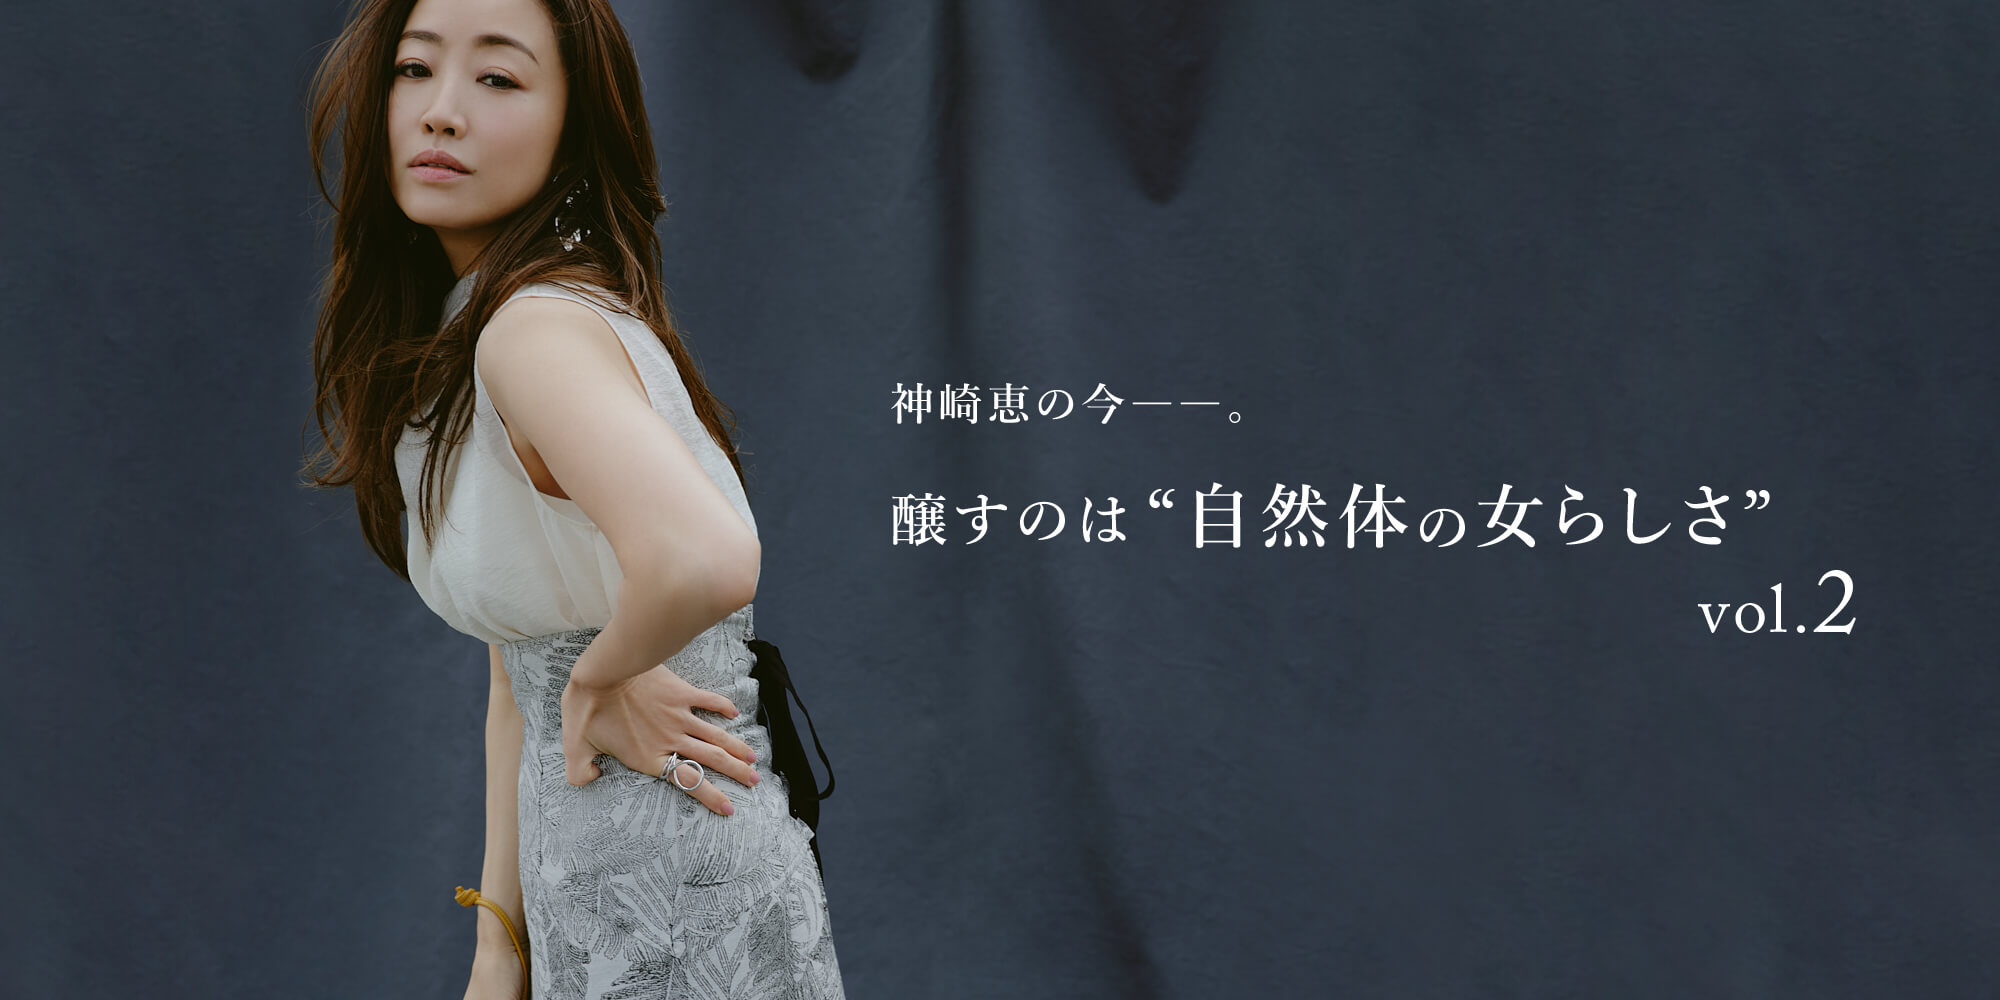 """神崎恵の今――。 醸すのは""""自然体の女らしさ"""""""